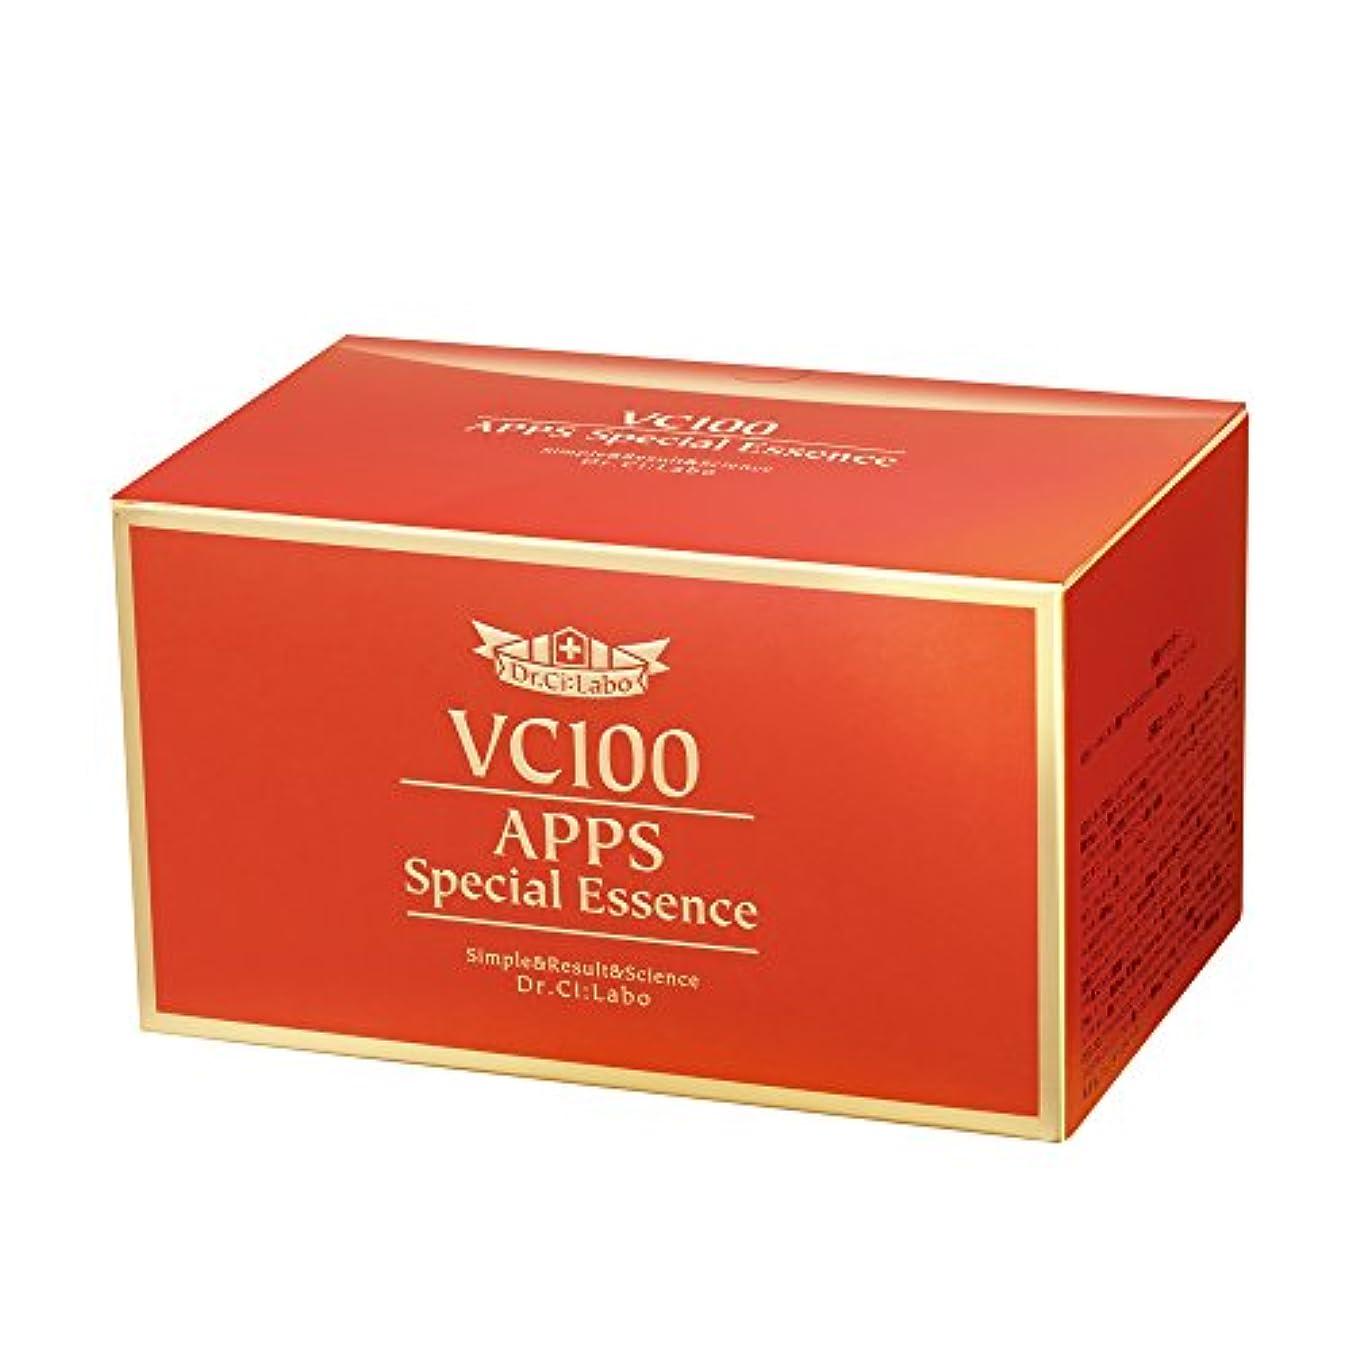 キリストセンサー価値ドクターシーラボ VC100APPSスペシャルエッセンス 7日分×4セット 集中美容液